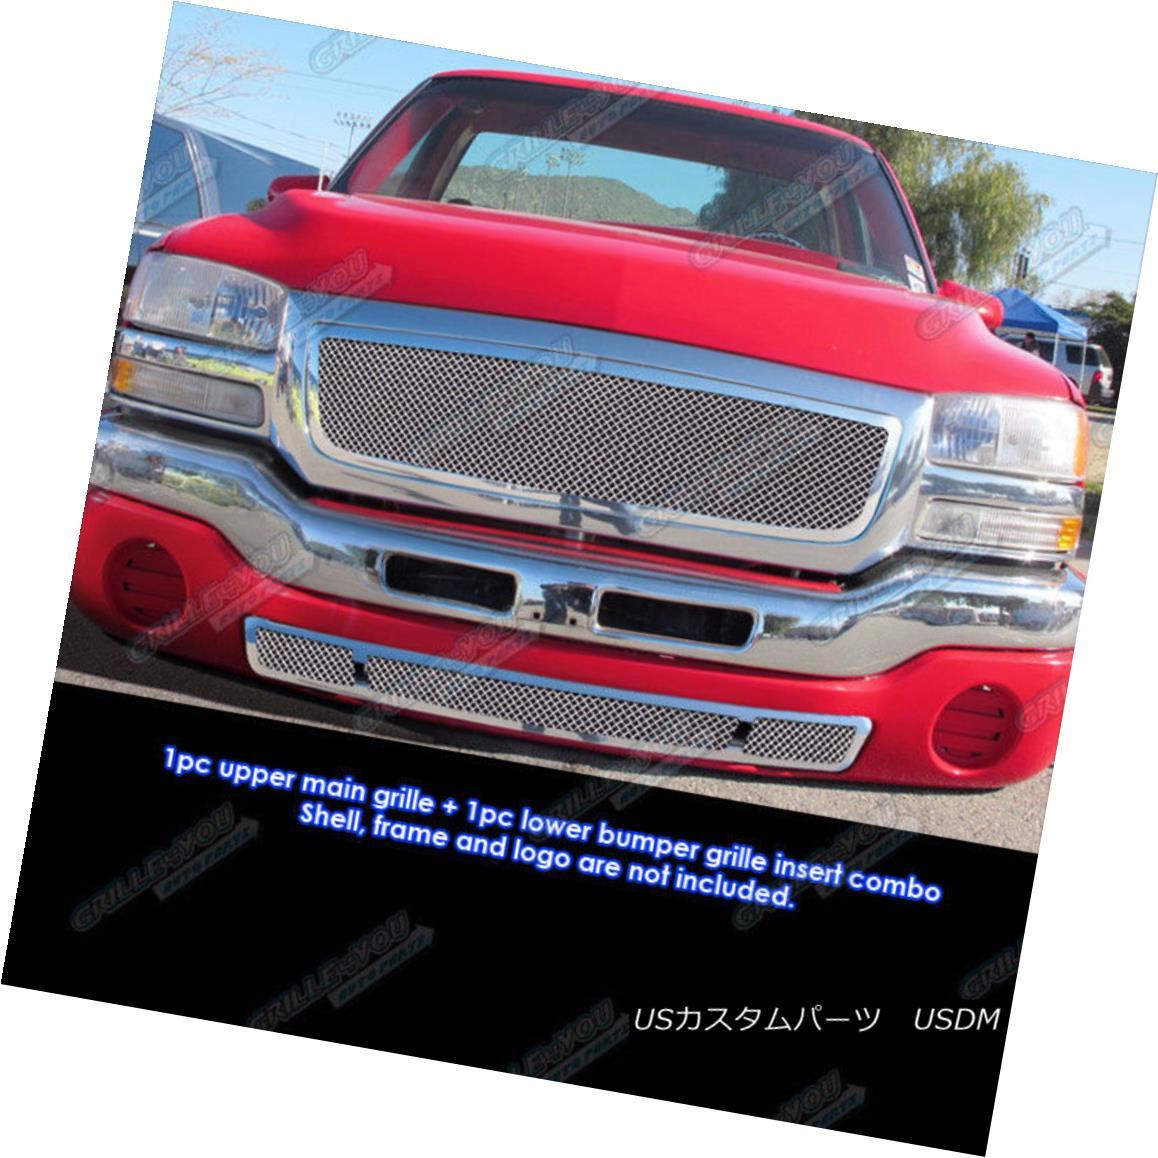 グリル Fits 03-06 GMC Sierra 1500/2500 Stainless Steel Mesh Grille Combo Insert フィット03-06 GMC Sierra 1500/2500ステンレスメッシュグリルコンボインサート